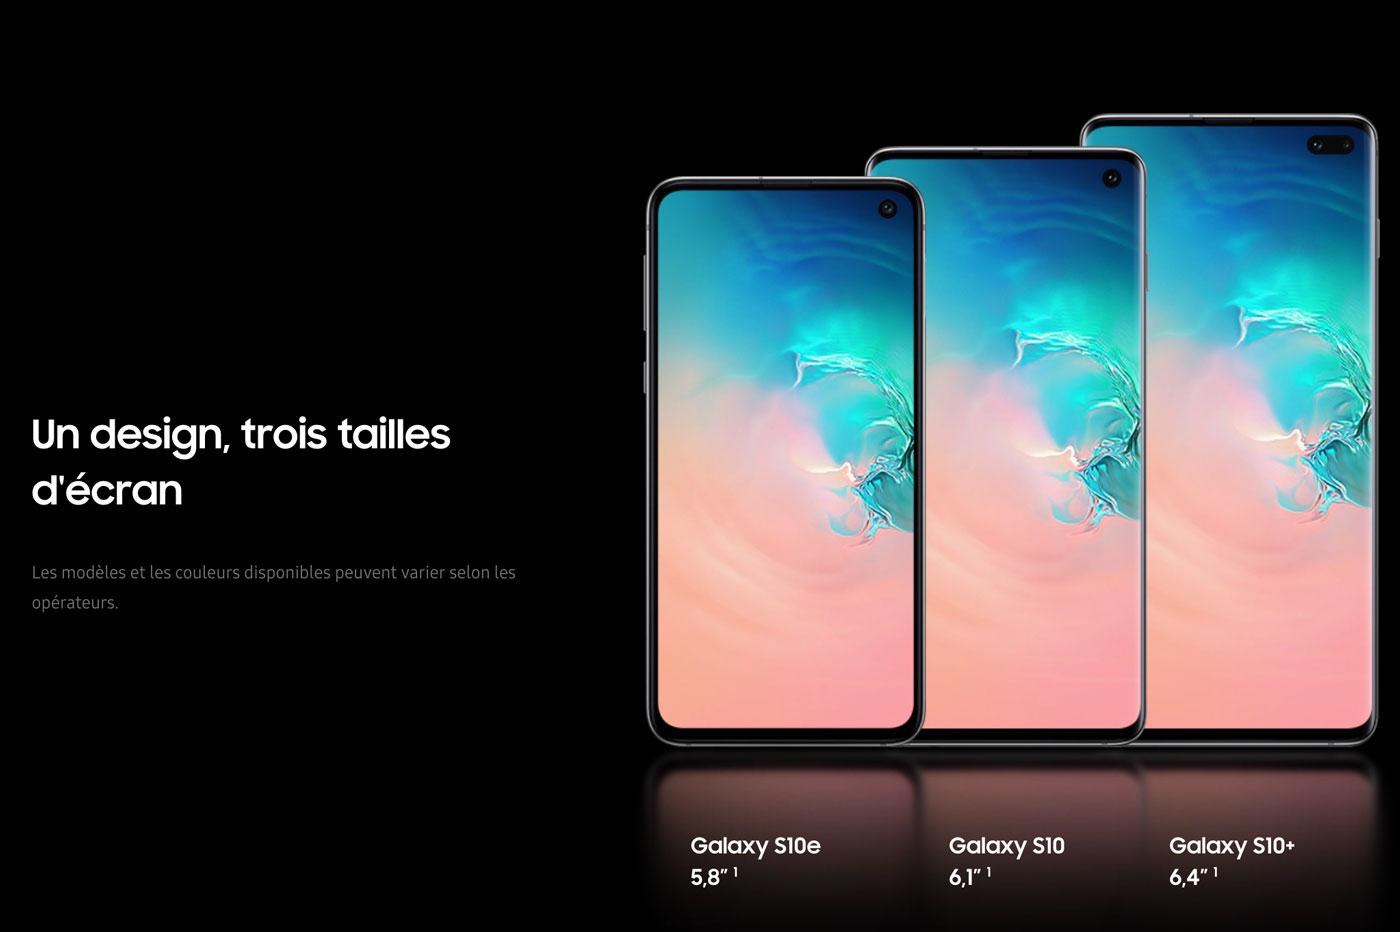 Samsung Galaxy S10 Vs S9 : Comparatif Et Différences Majeures intérieur Les 5 Differences